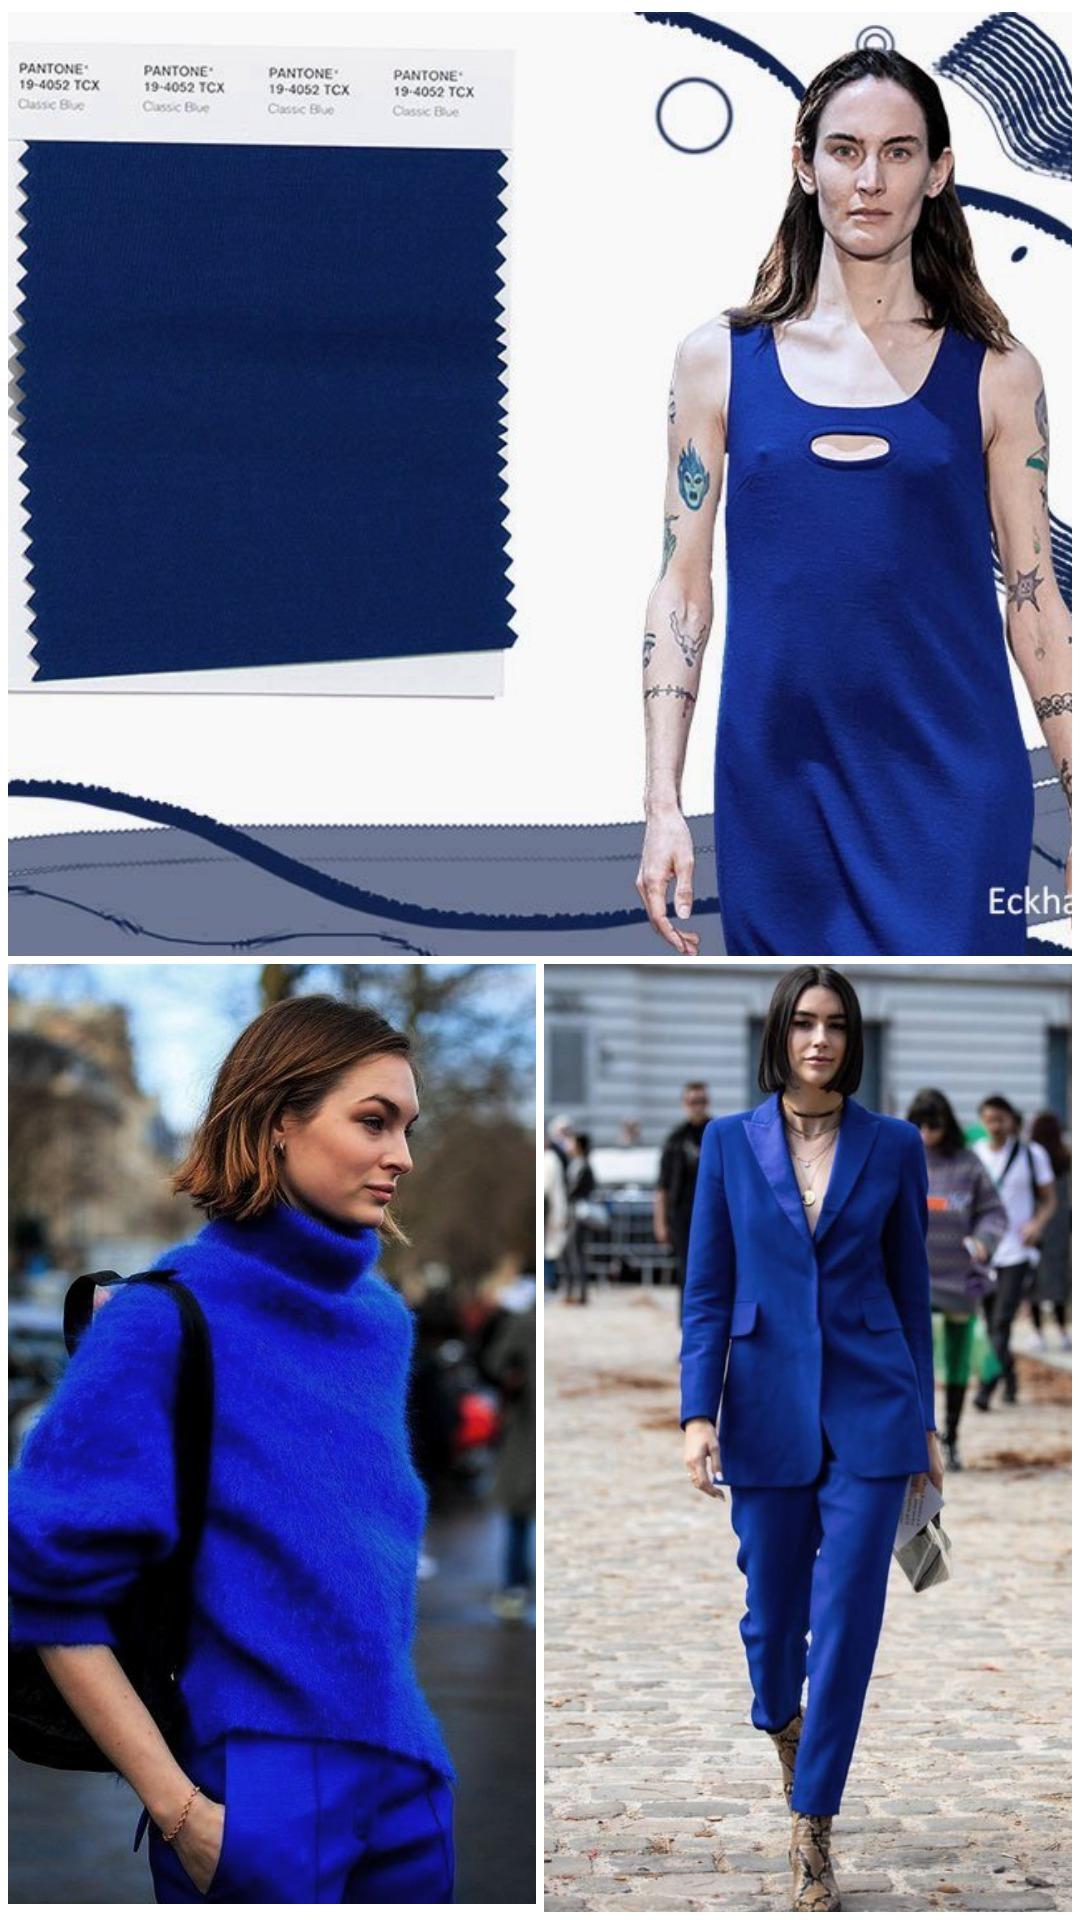 PANTONE 19-4052 Classic Blue